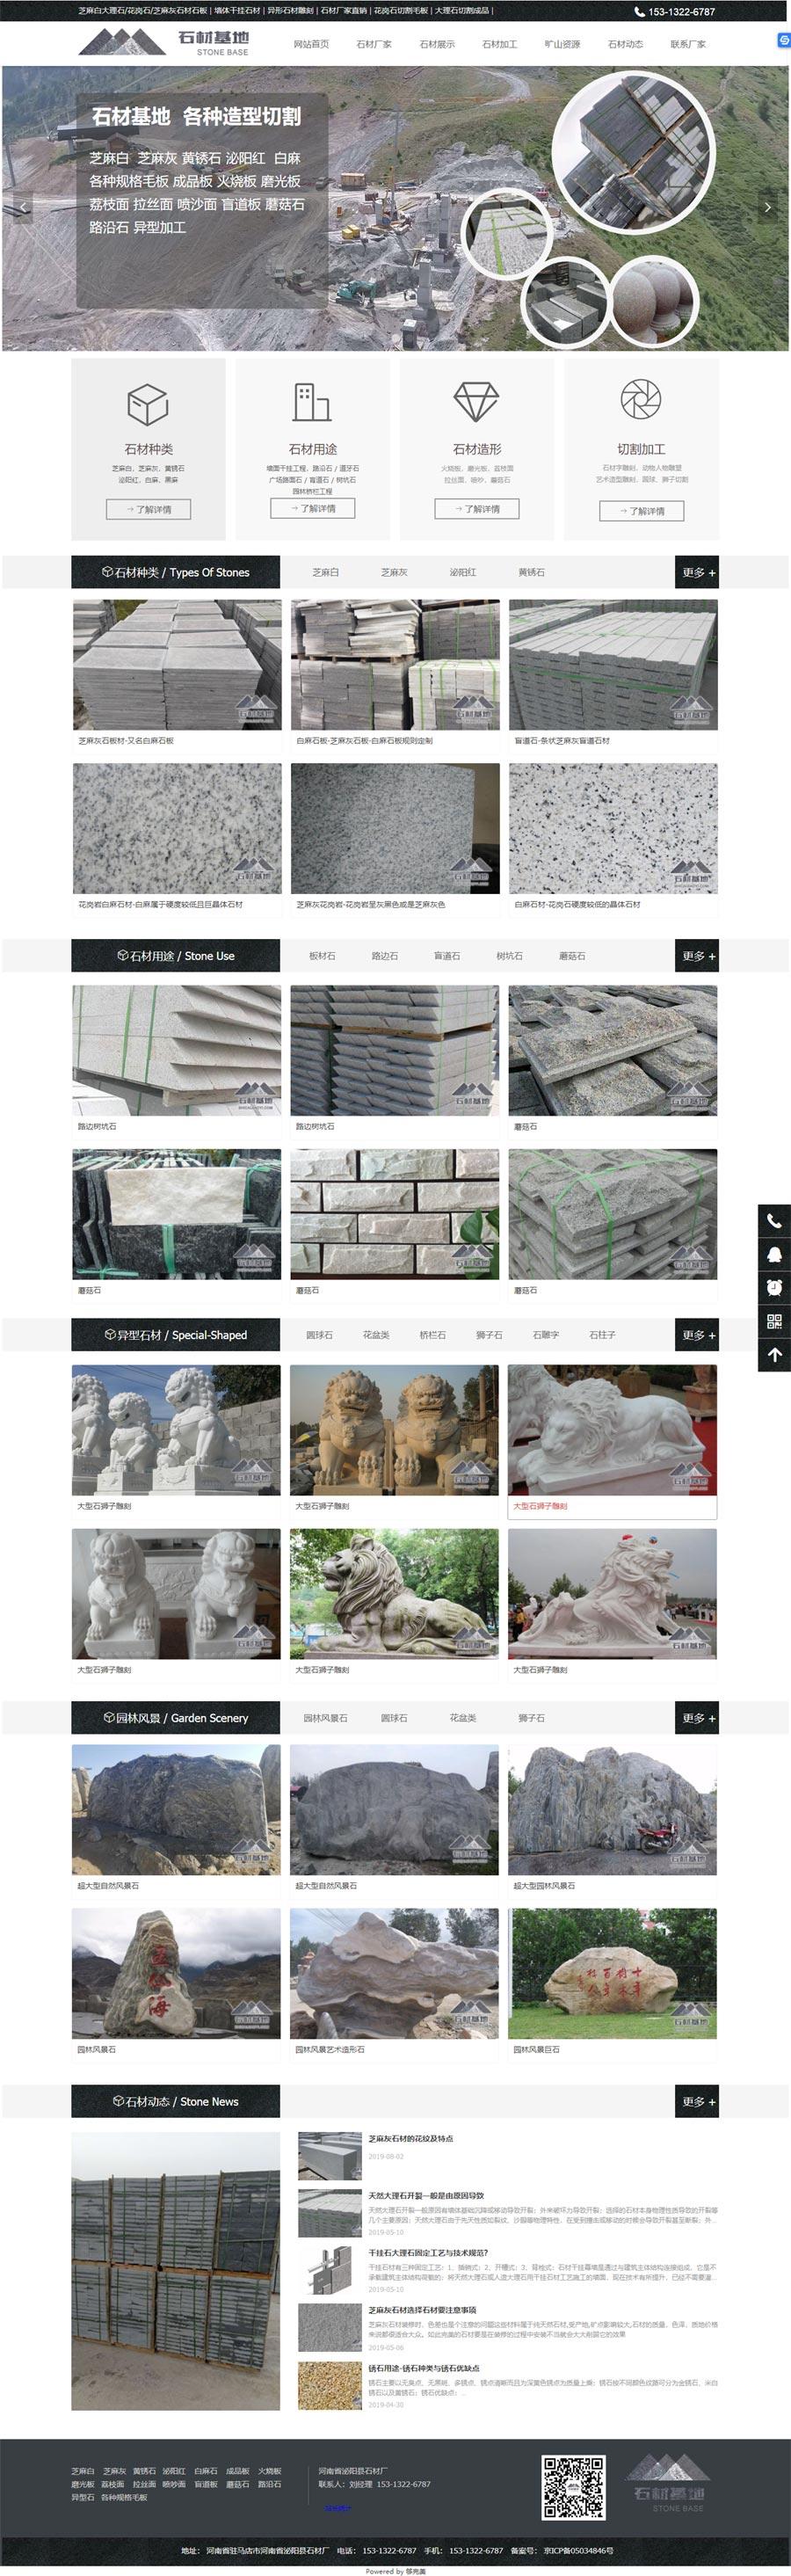 石材厂网站设计制作-网站视频无广告设计